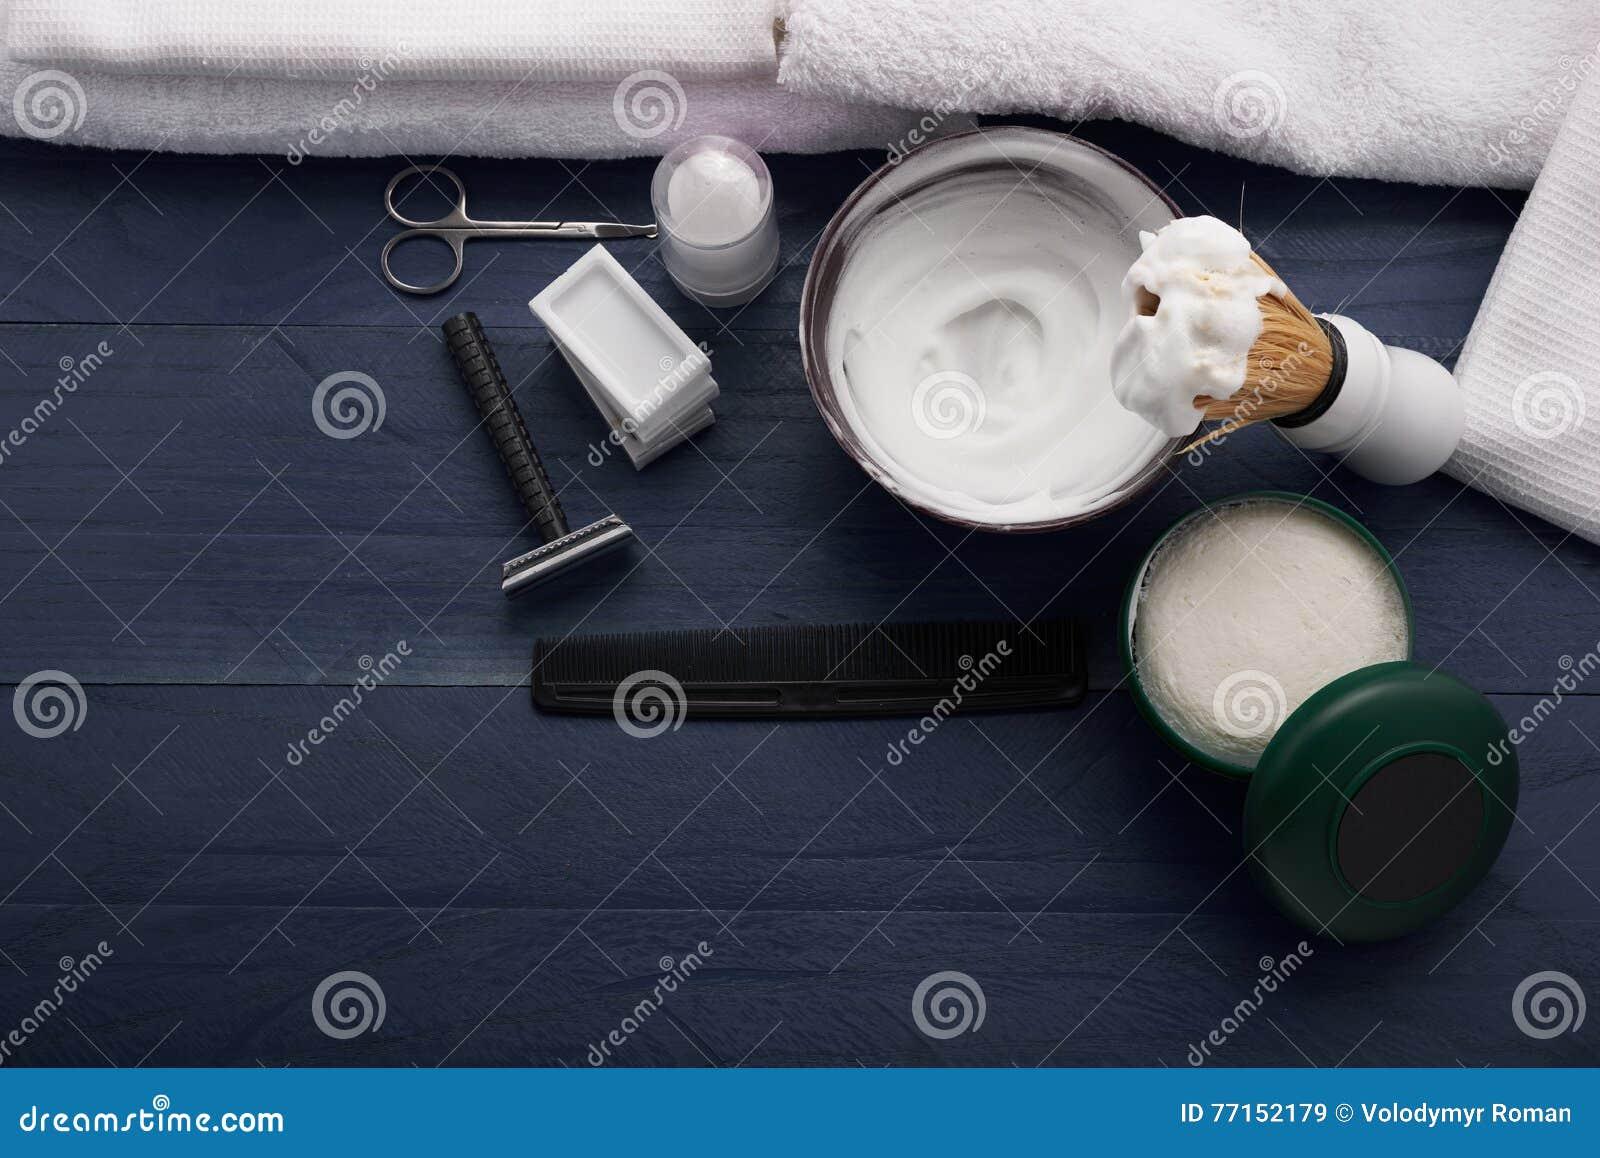 Signe moderne pour le raseur-coiffeur masculin